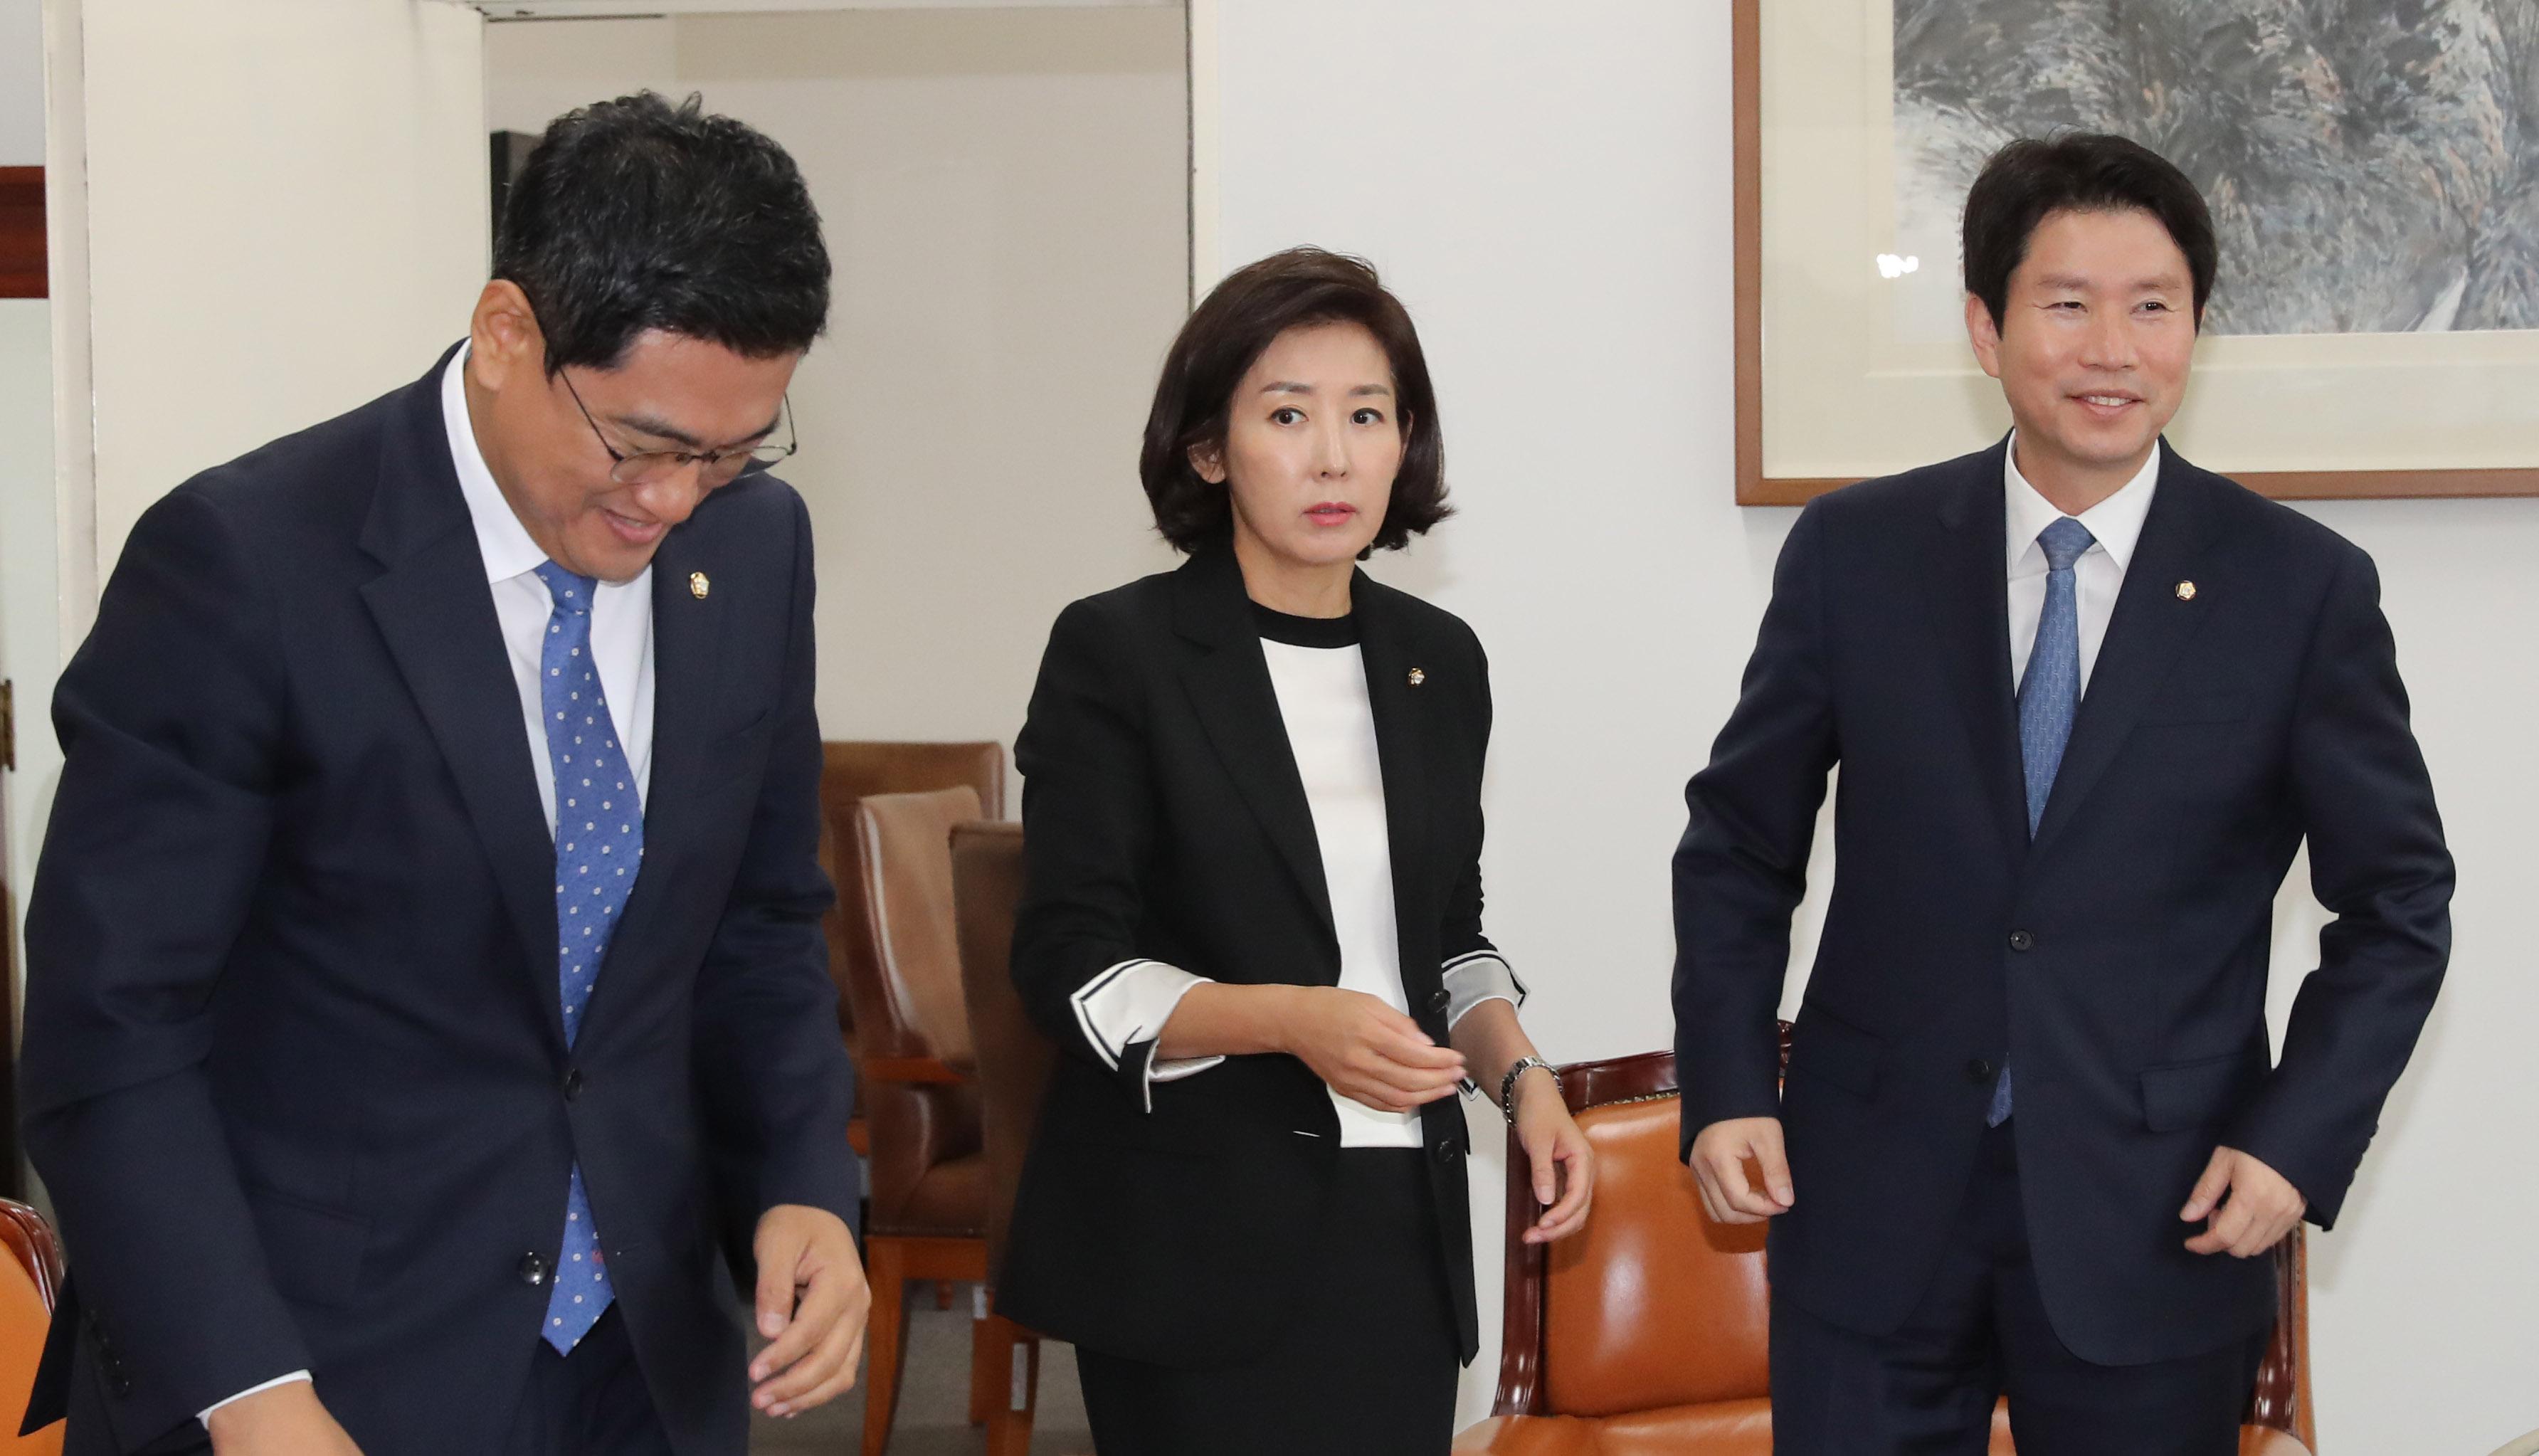 floor leaders of three major parties <Photo: Yonhap news>